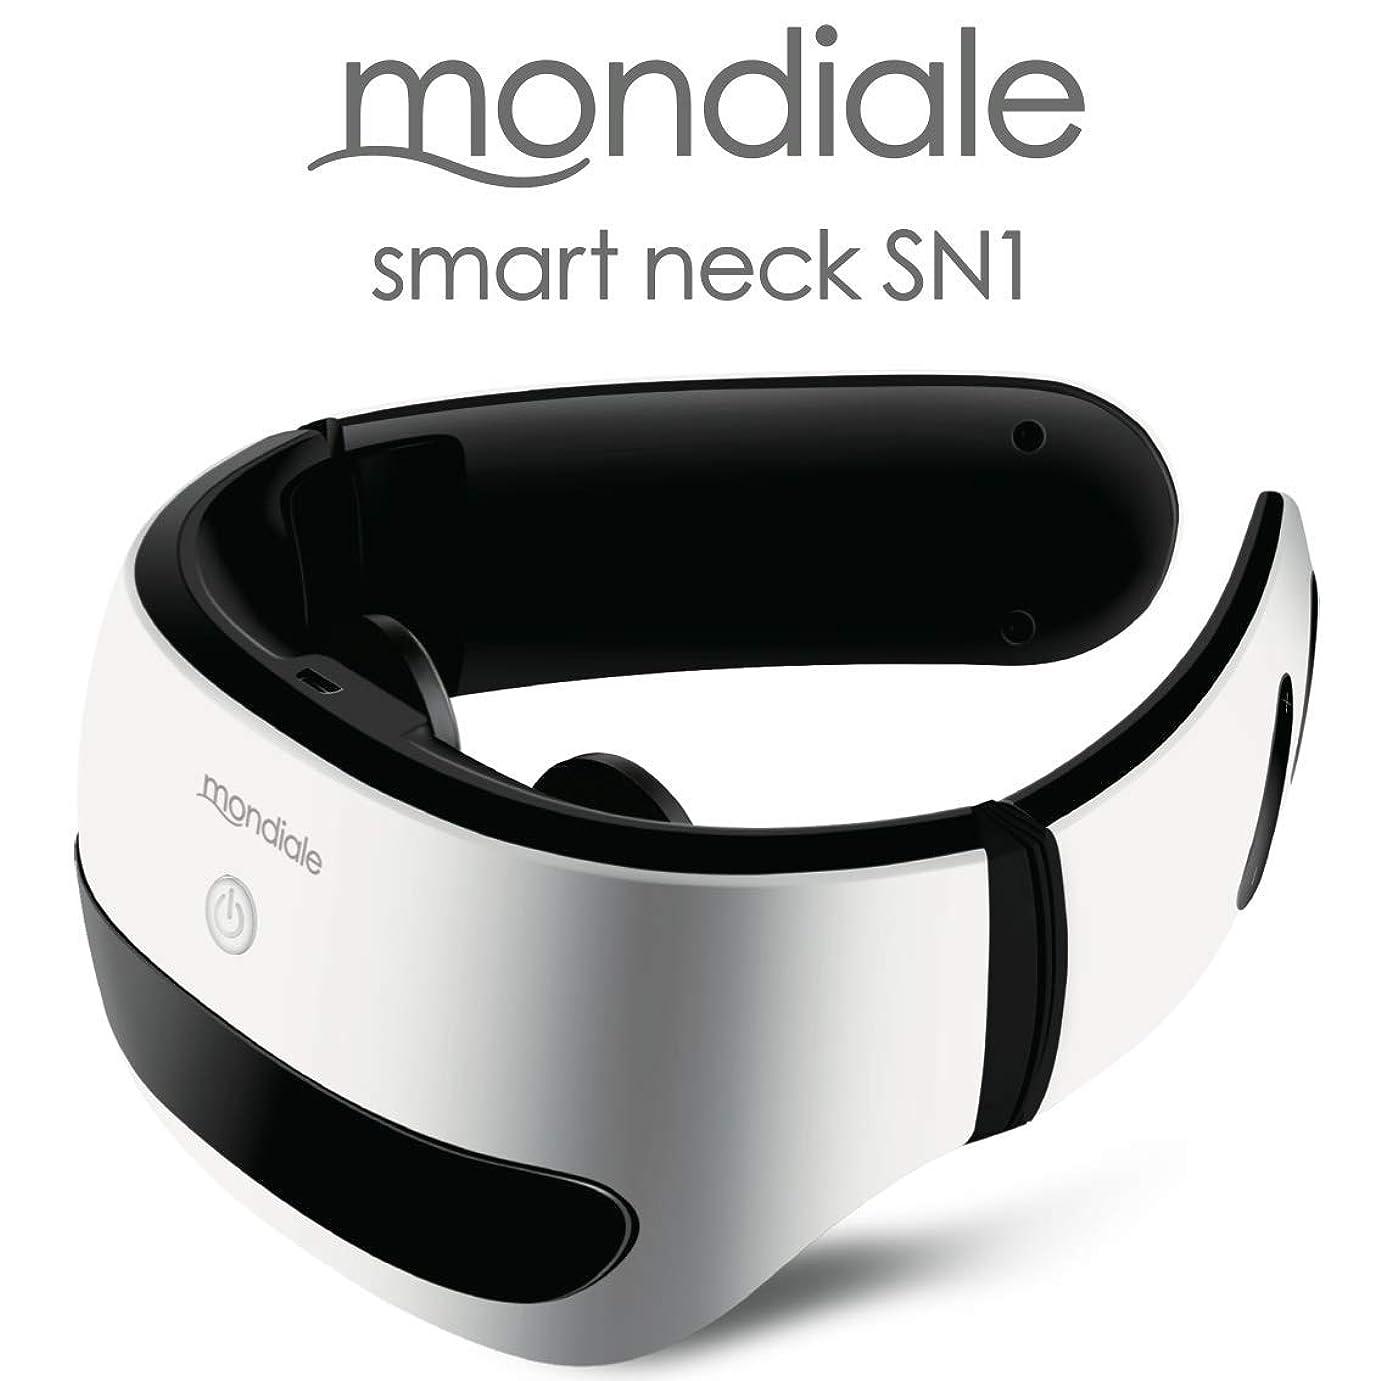 確かめるシェル松モンデール スマートネック SN1 mondiale smart neck SN1